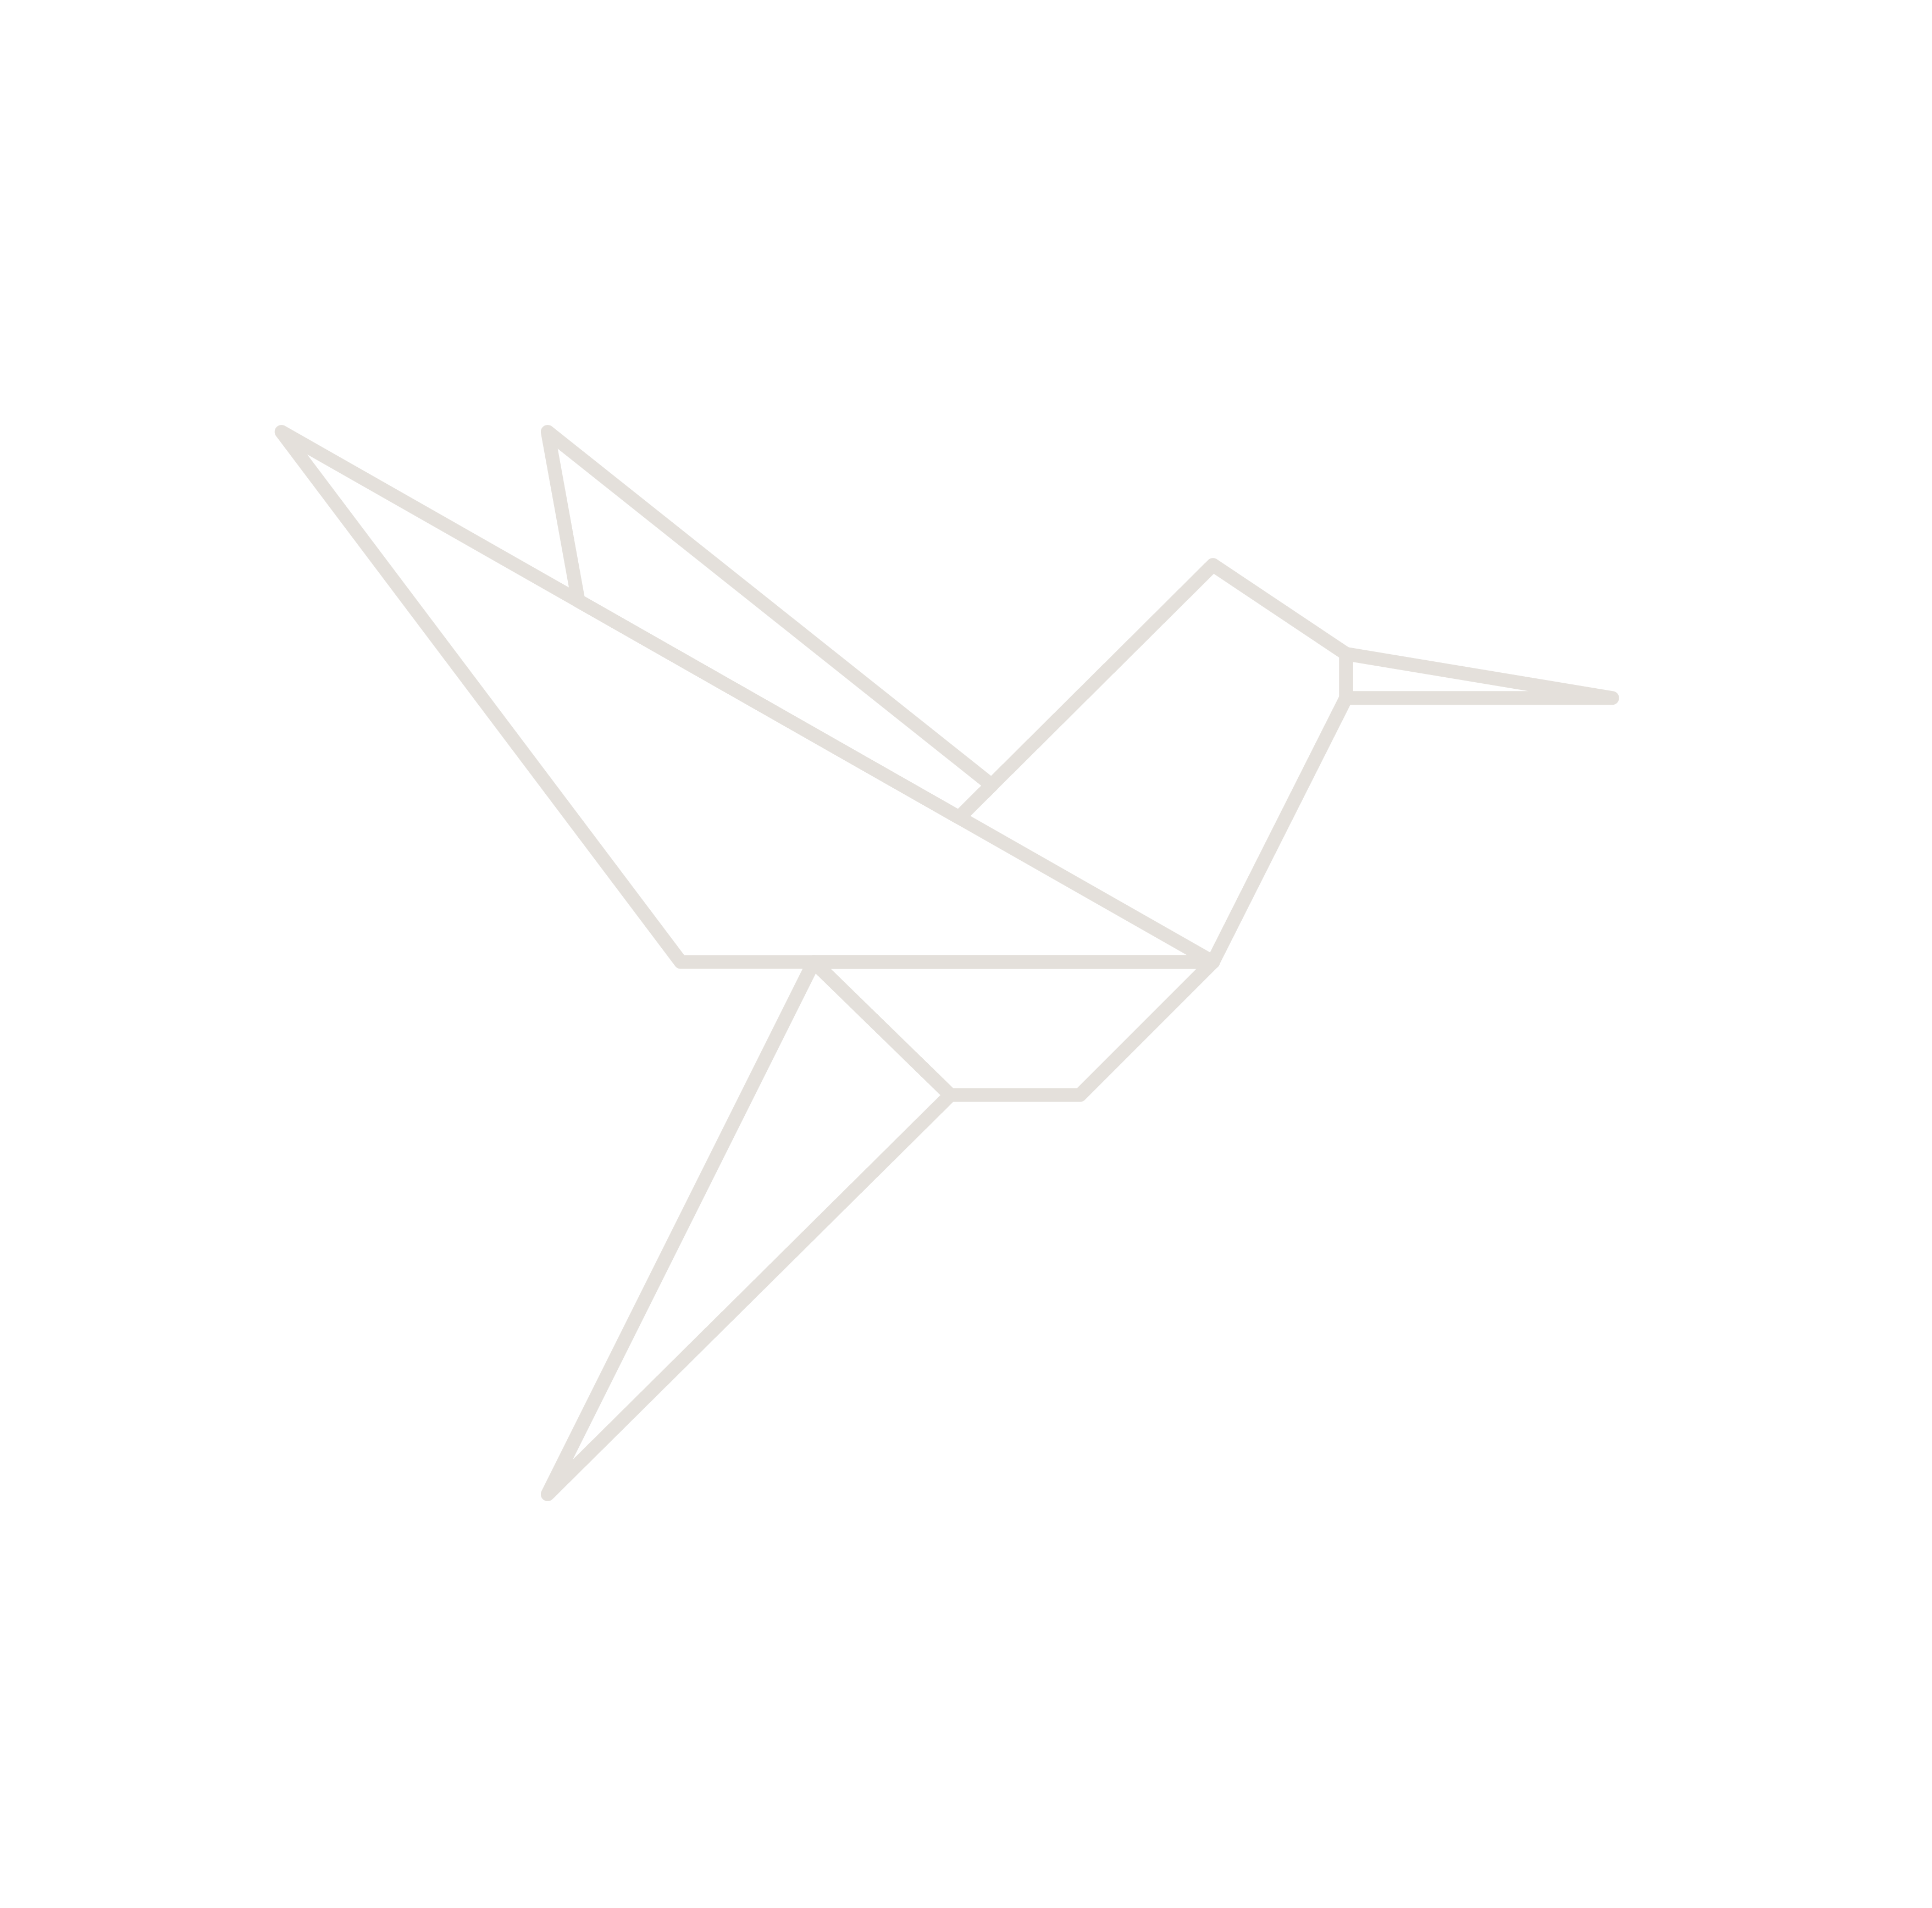 OiseauOO-11-11